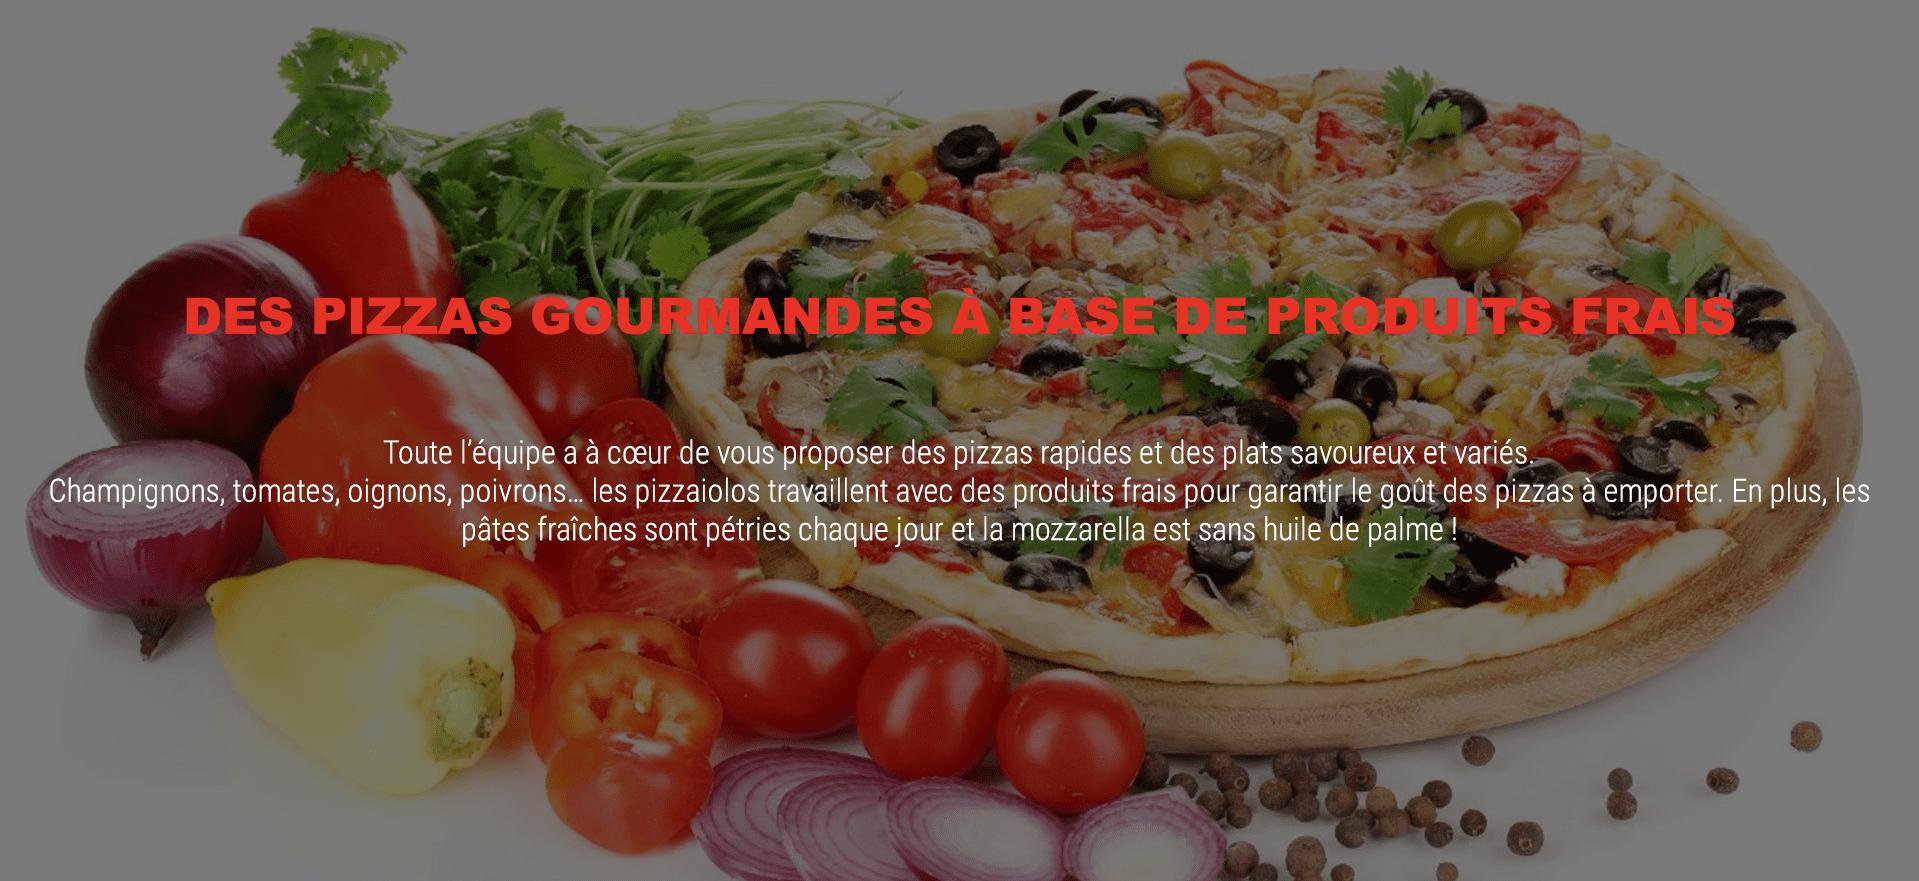 Pizzas gourmandes a base de produits frais